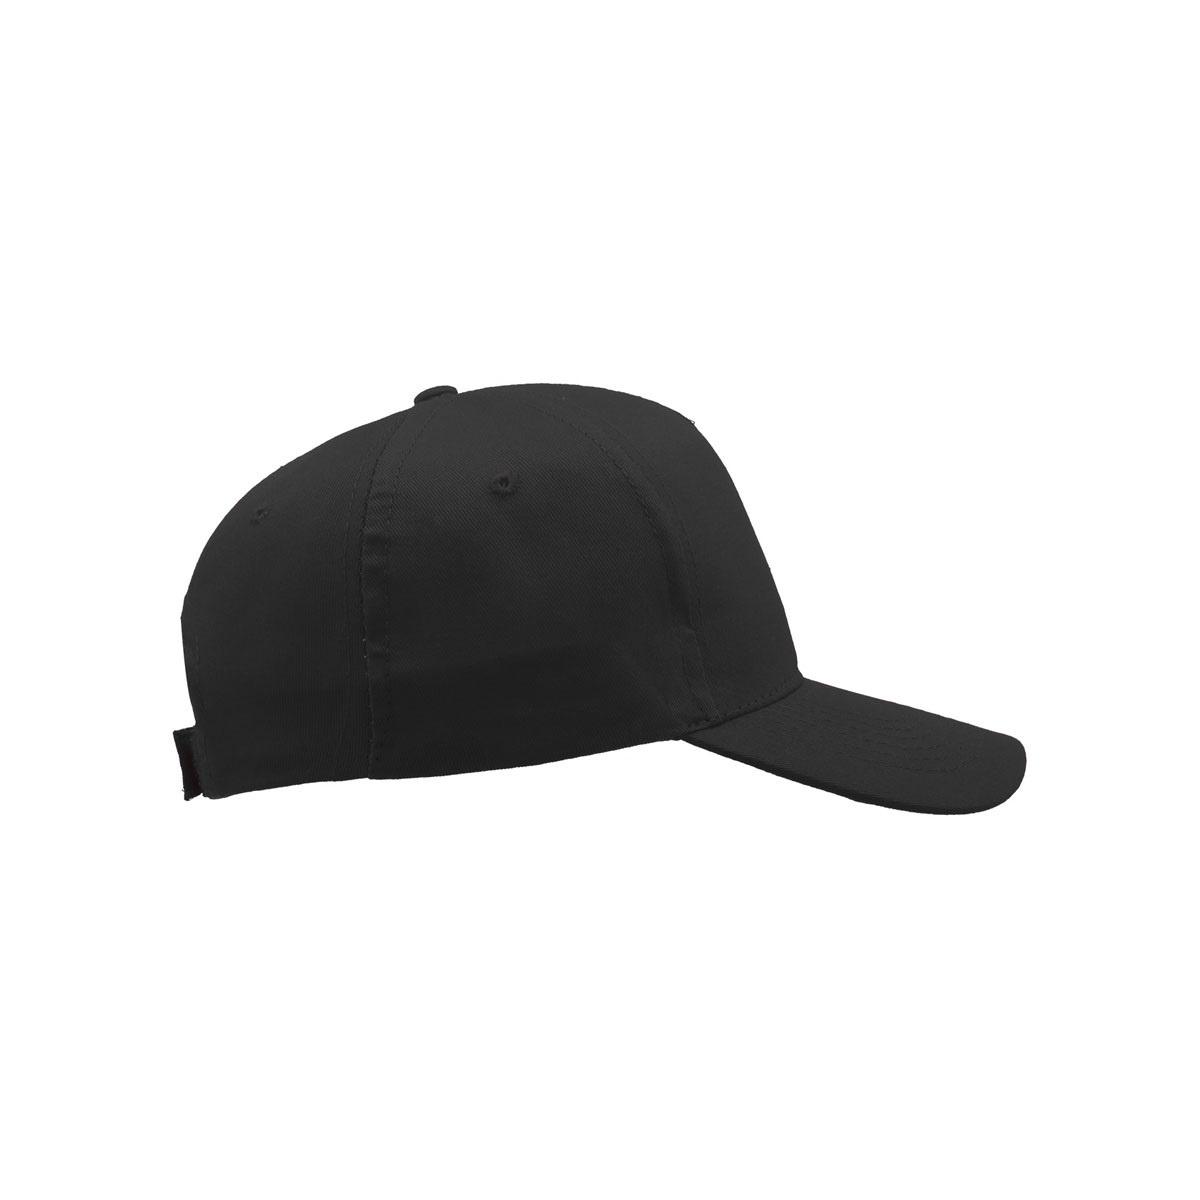 ゴルフ ベースボールキャップ ハット 野球帽 ストリート (アトランティス) Atlantis ユニセックス Start Five 5パネル キャップ 帽子 【海外直送】